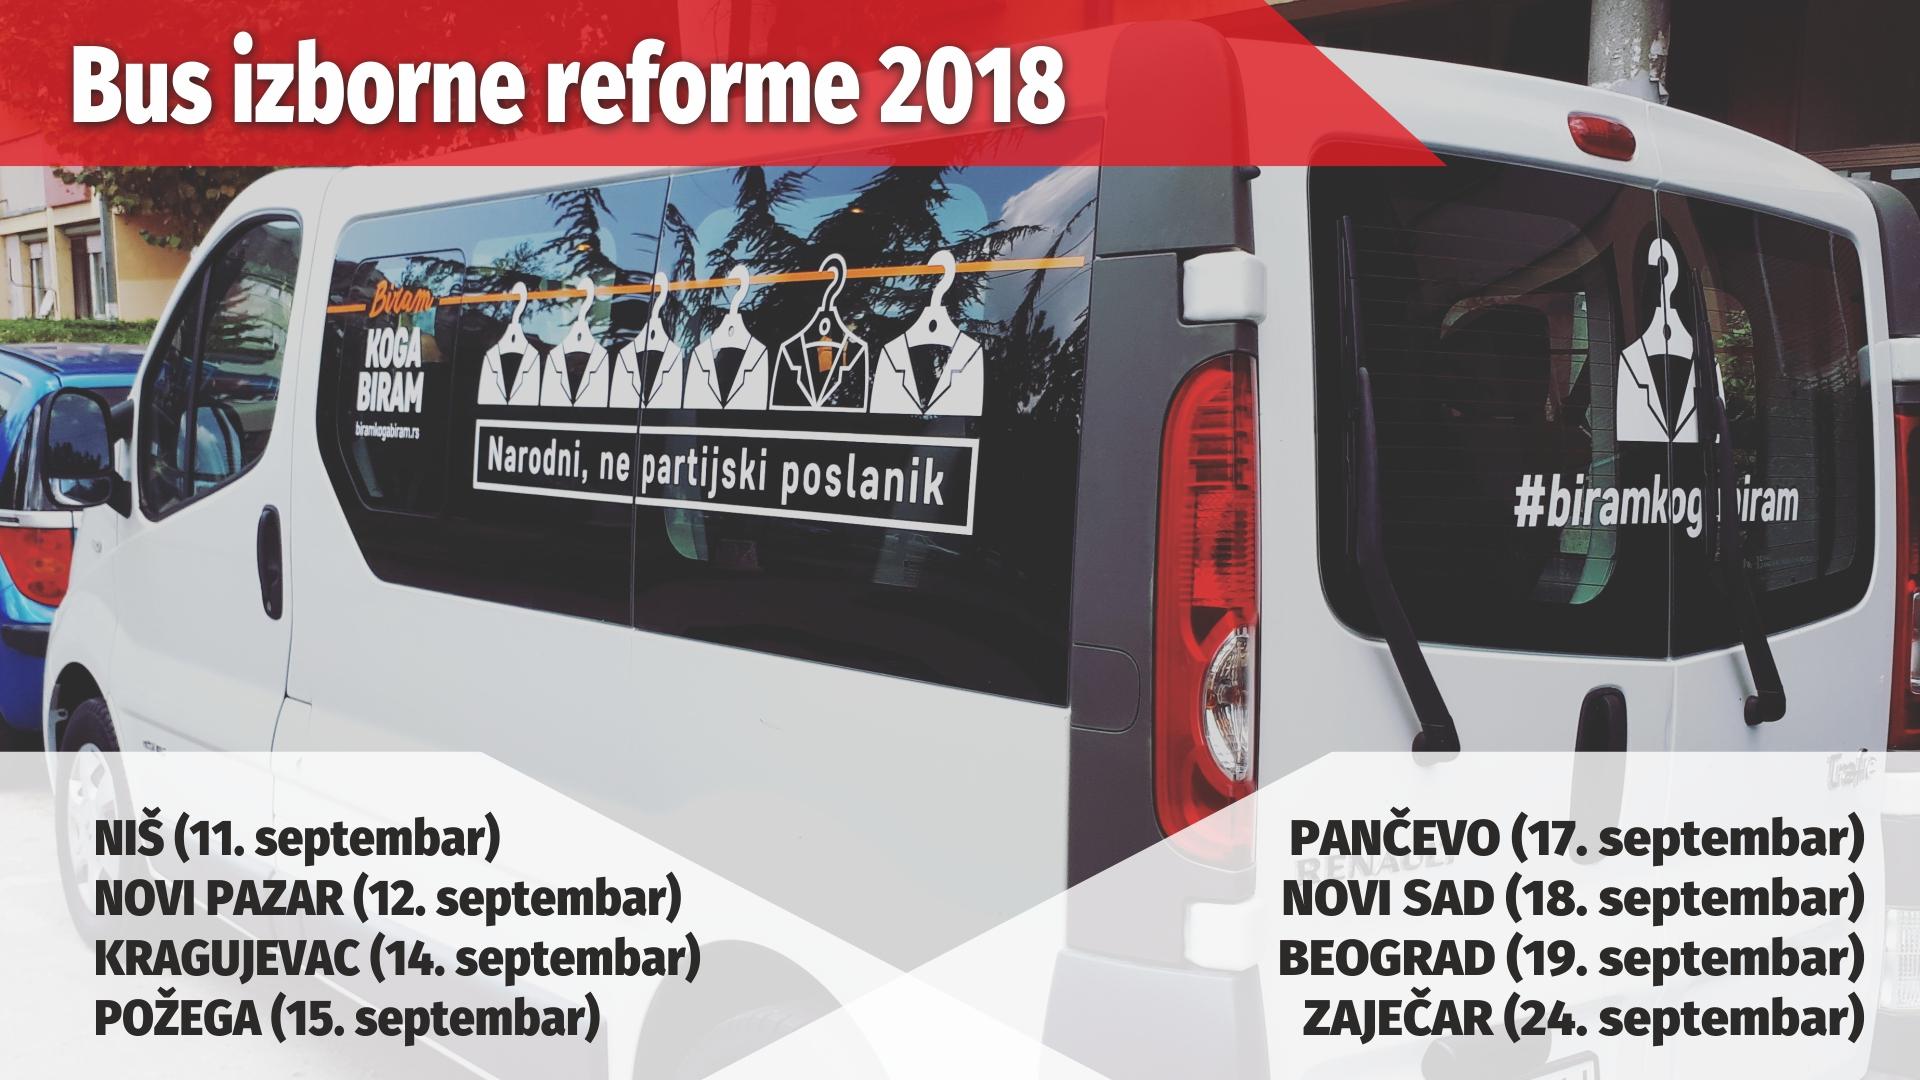 BUS IZBORNE REFORME 2018